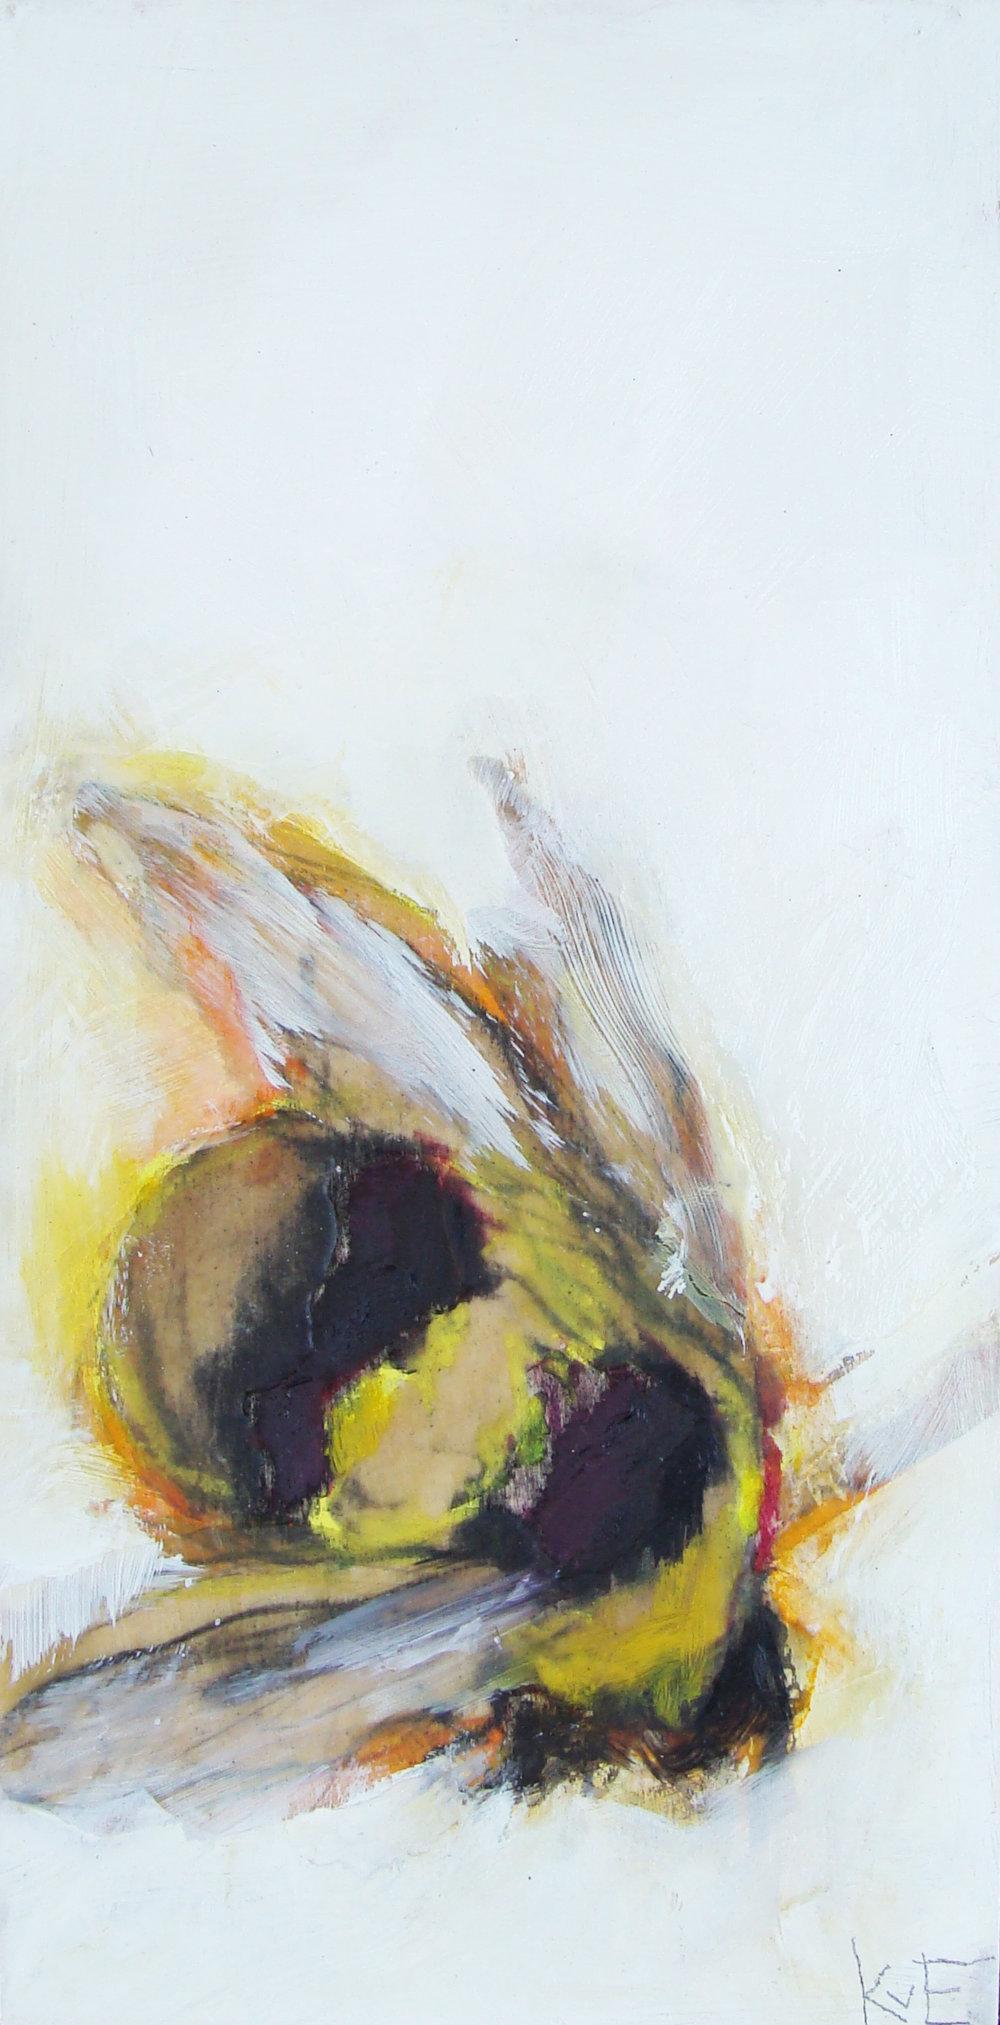 """Tiny's bee - mixed media on panel, 12x6"""", 2017,  SOLD"""